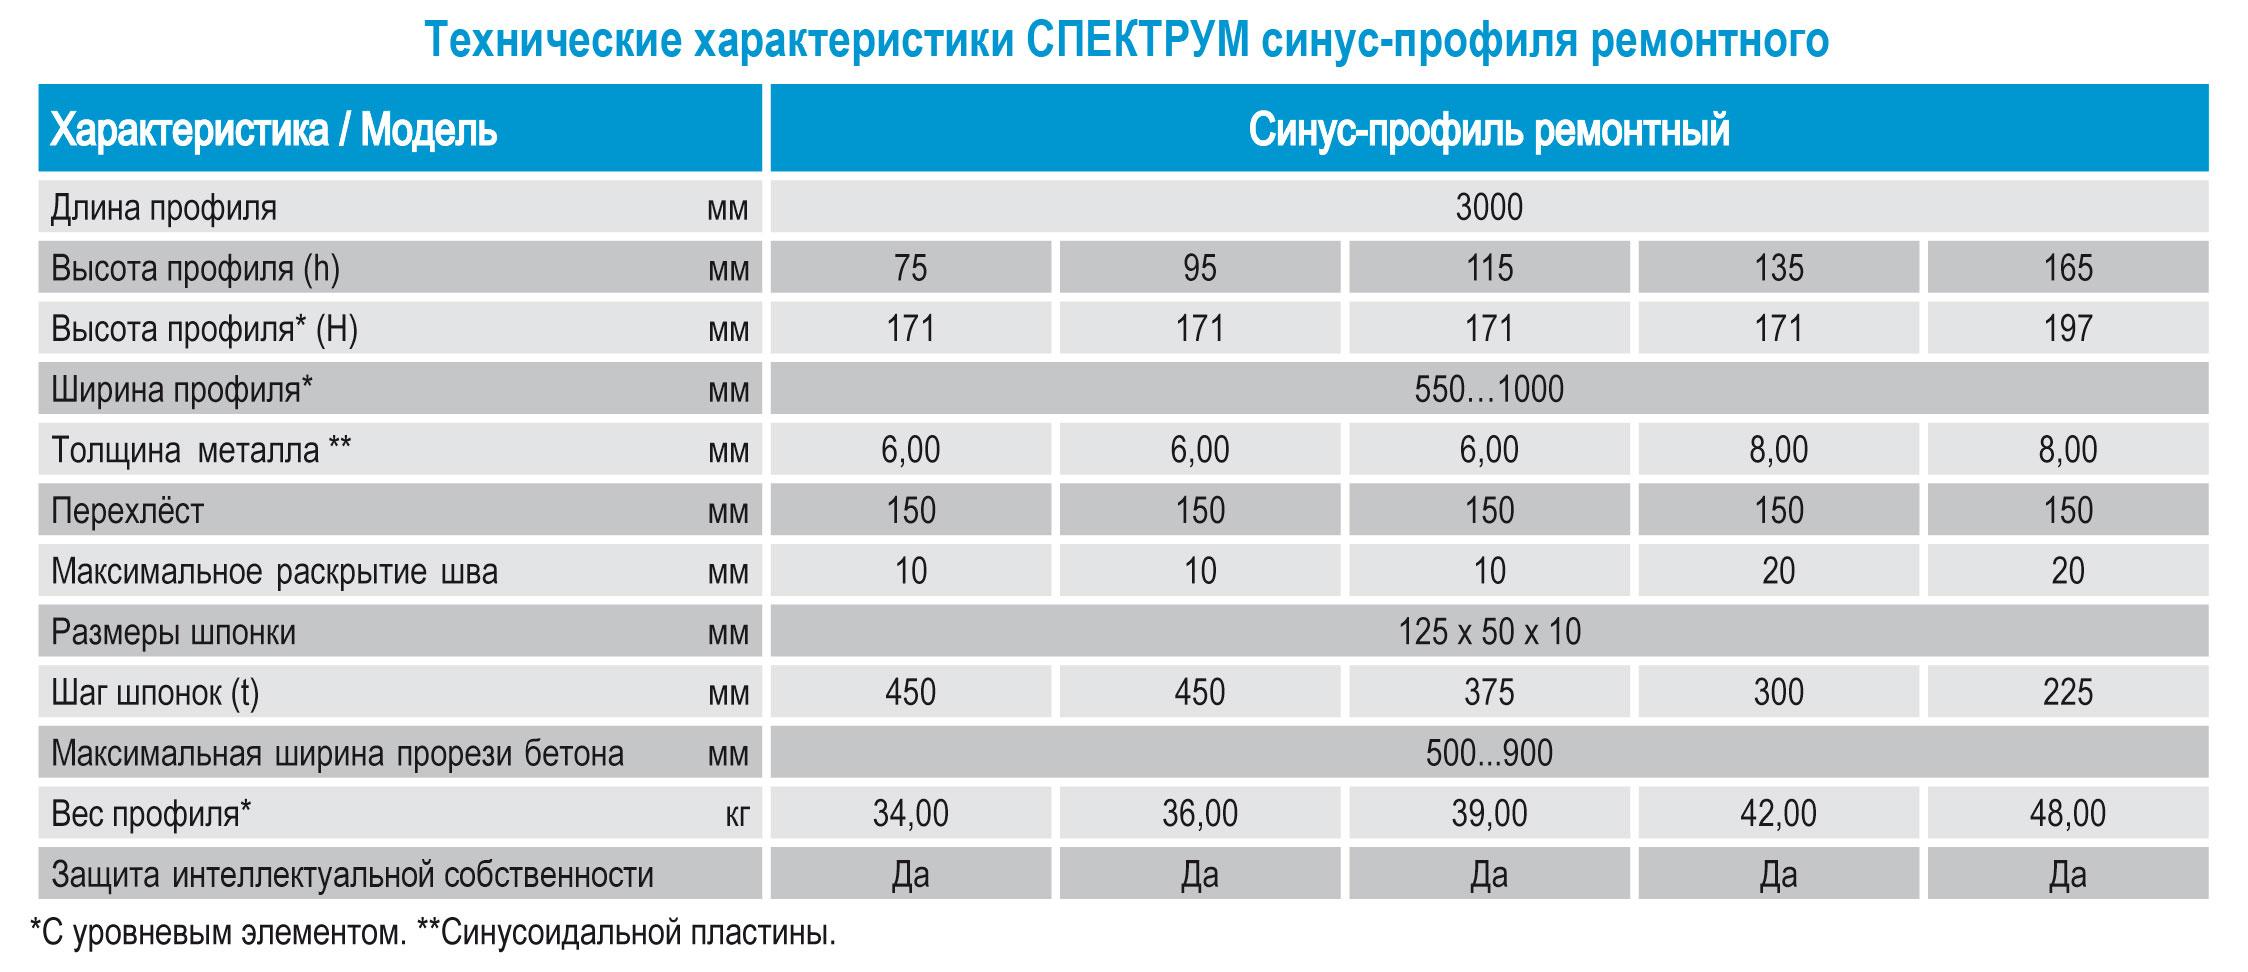 Cинус профиль ремонтный от Спектрум (Харьков)_технические характеристики, параметры